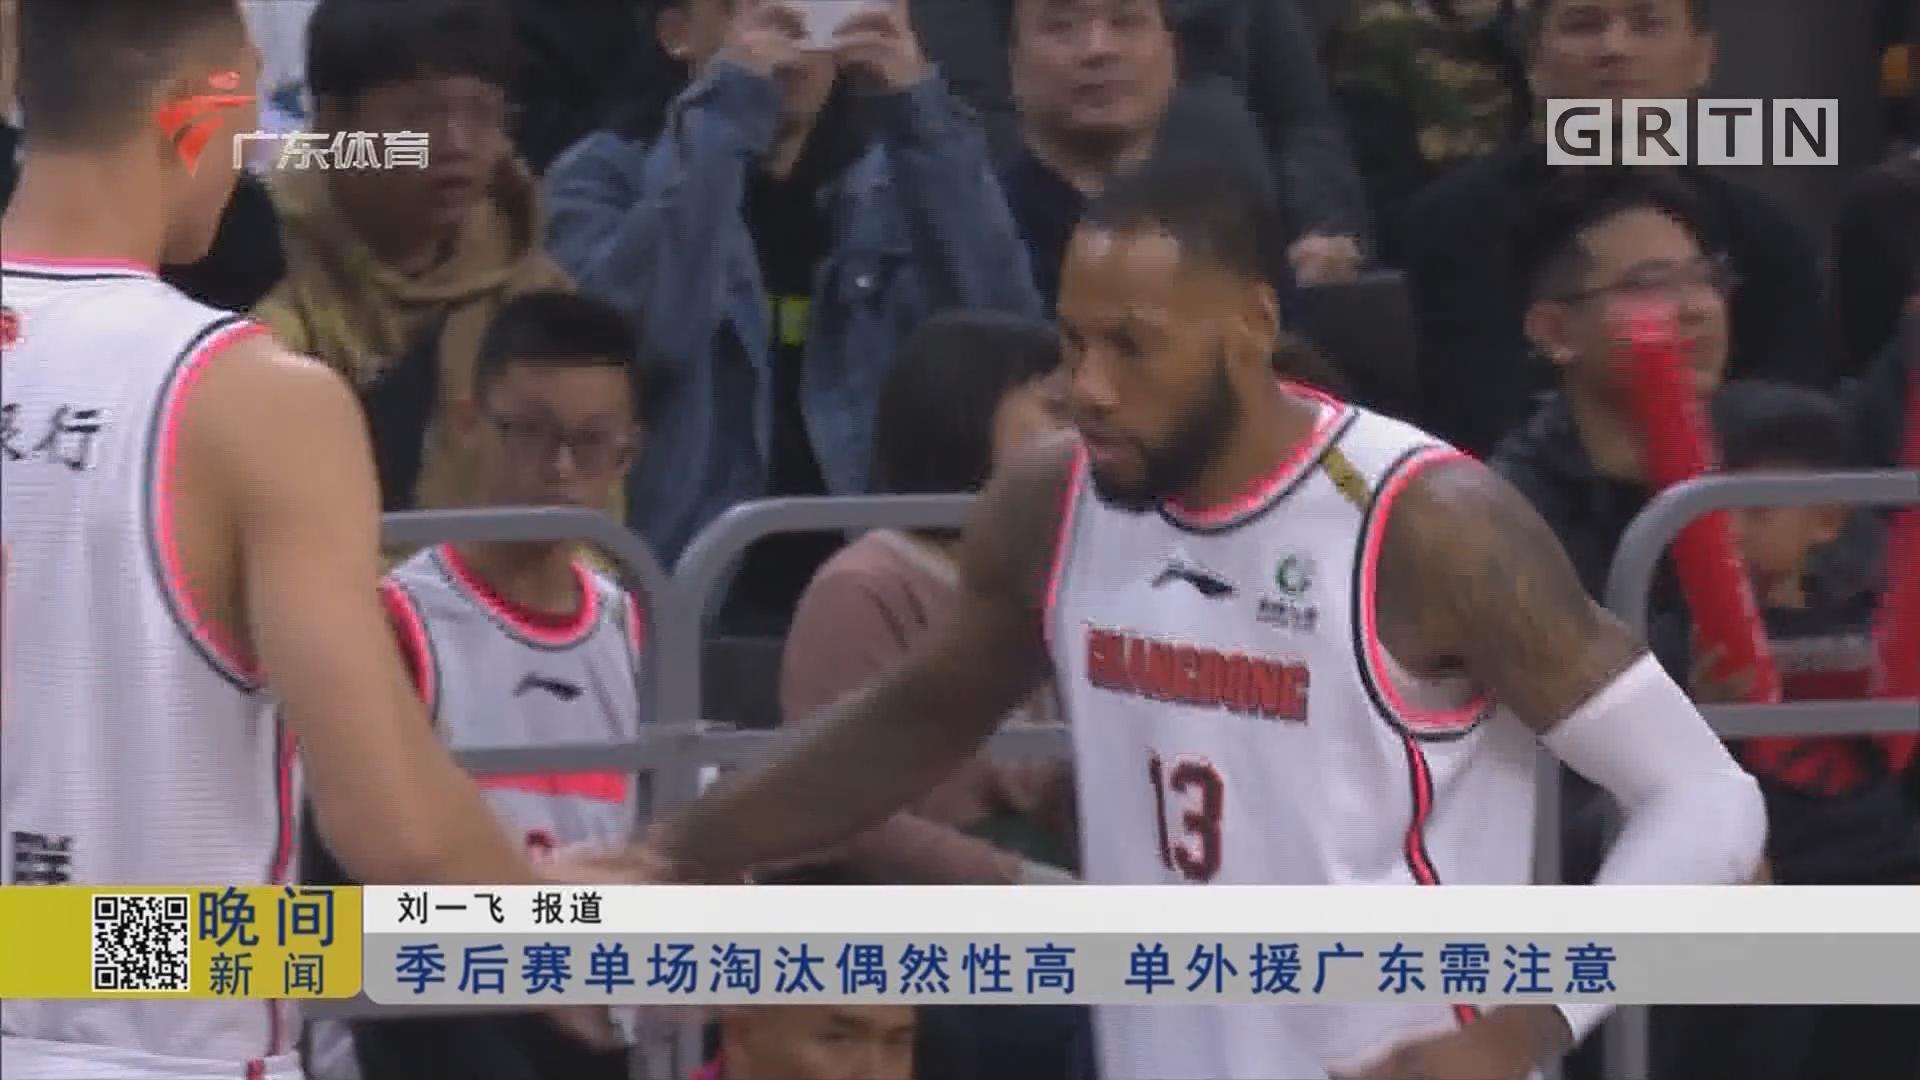 季后赛单场淘汰偶然性高 单外援广东需注意